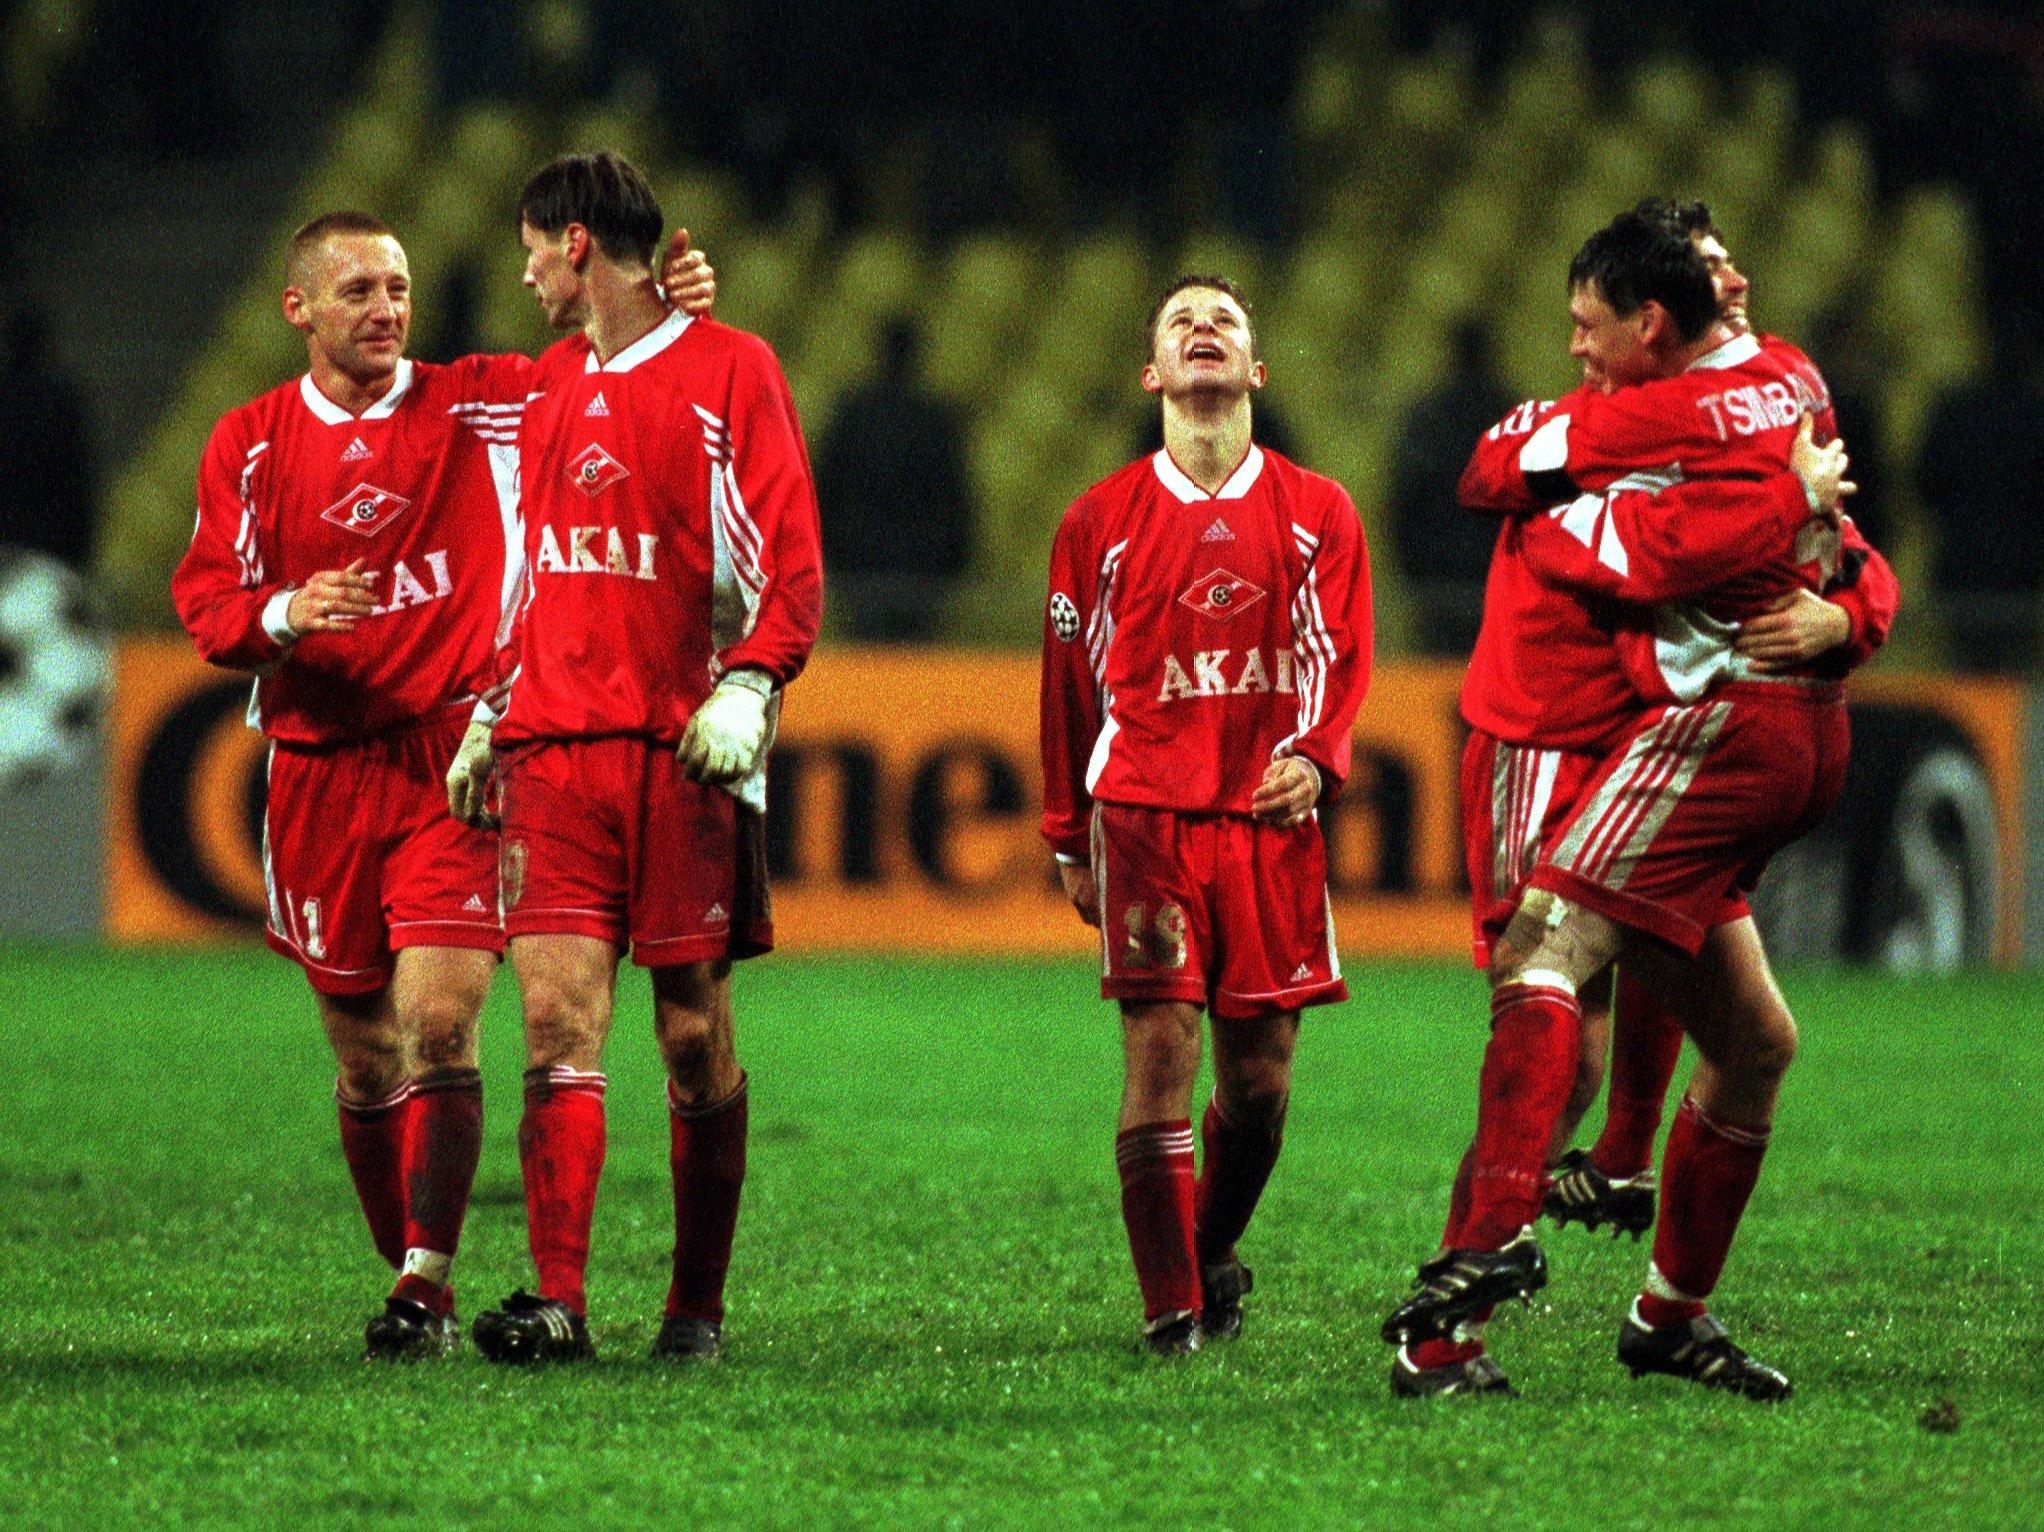 «Ликуйте и радуйтесь жизни в это бездарное время!». В 1998-м Цымбаларь и Титов принесли «Спартаку» победу над «Реалом»